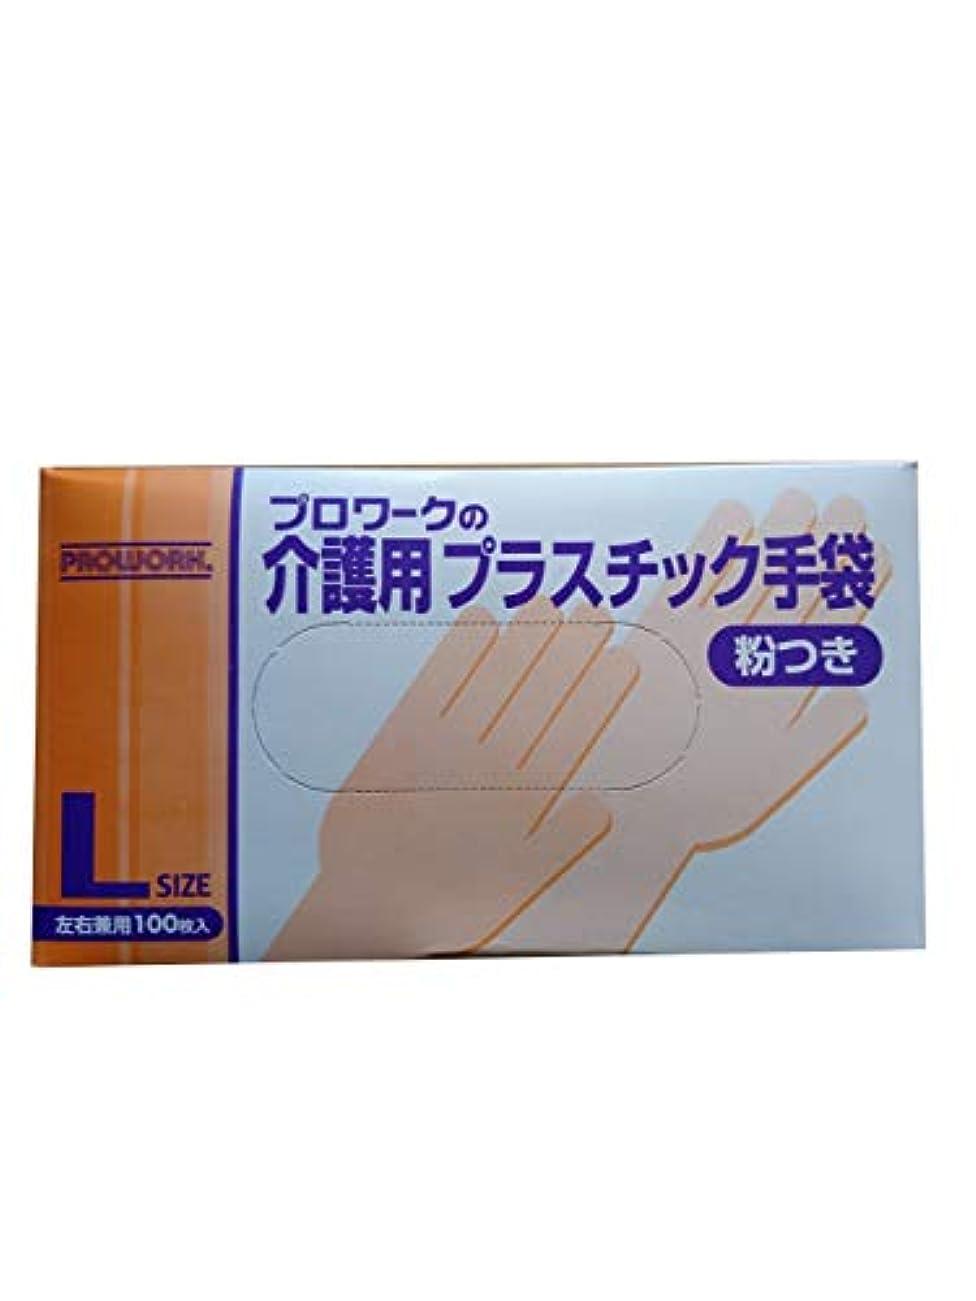 晴れ虚弱抱擁介護用プラスチック手袋 粉つき Lサイズ 左右兼用100枚入